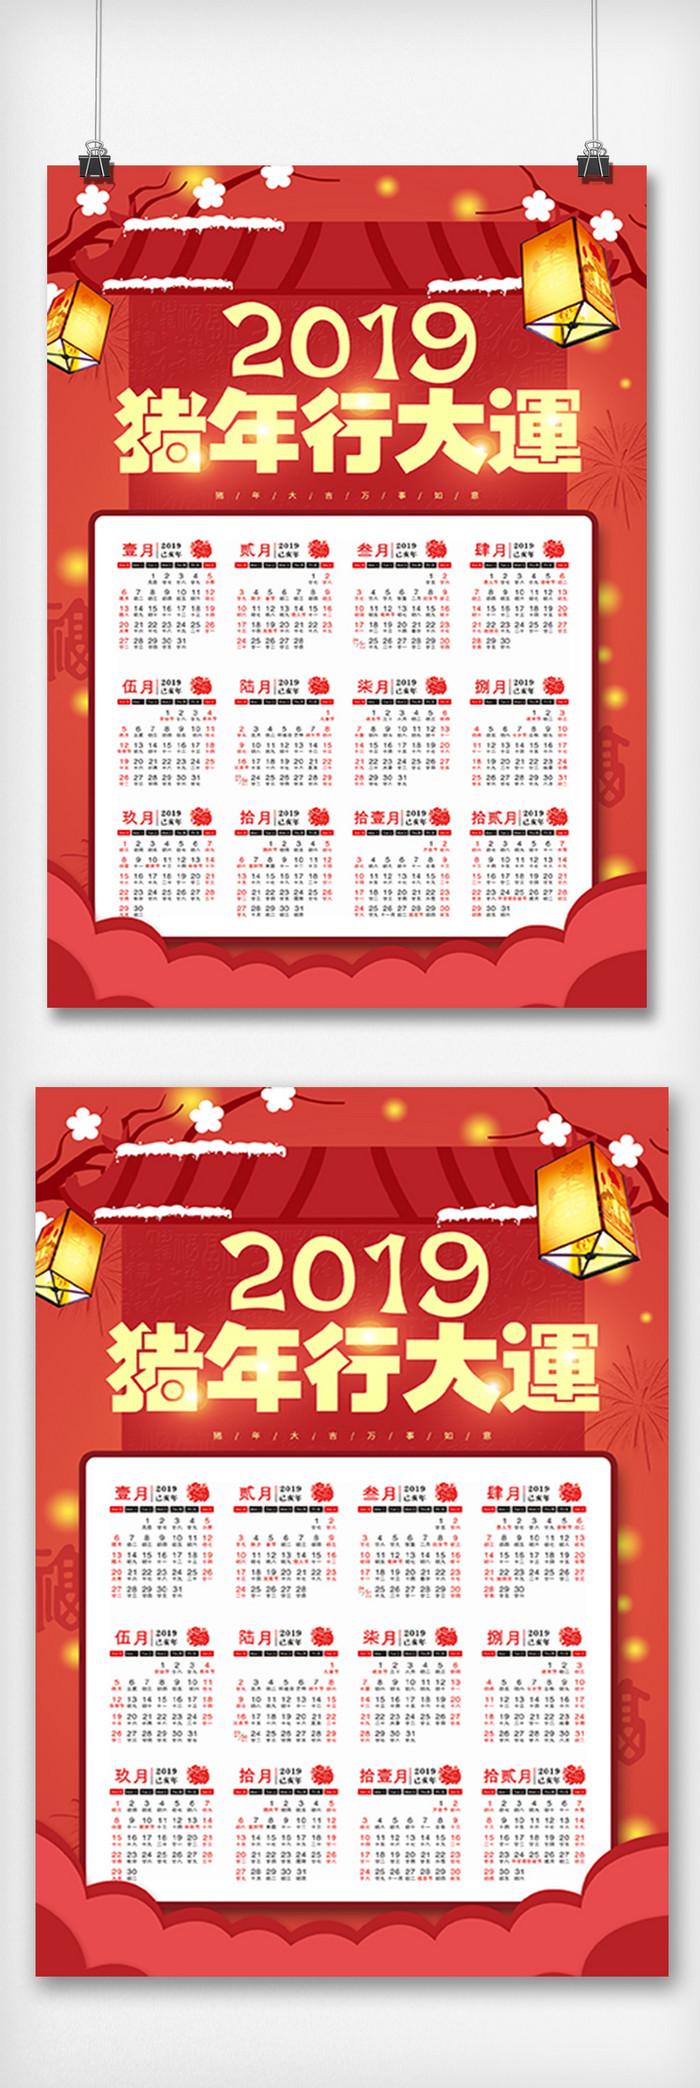 搜图中国提供独家原创创意猪年行大运2019猪年挂历 下载,此素材图片已